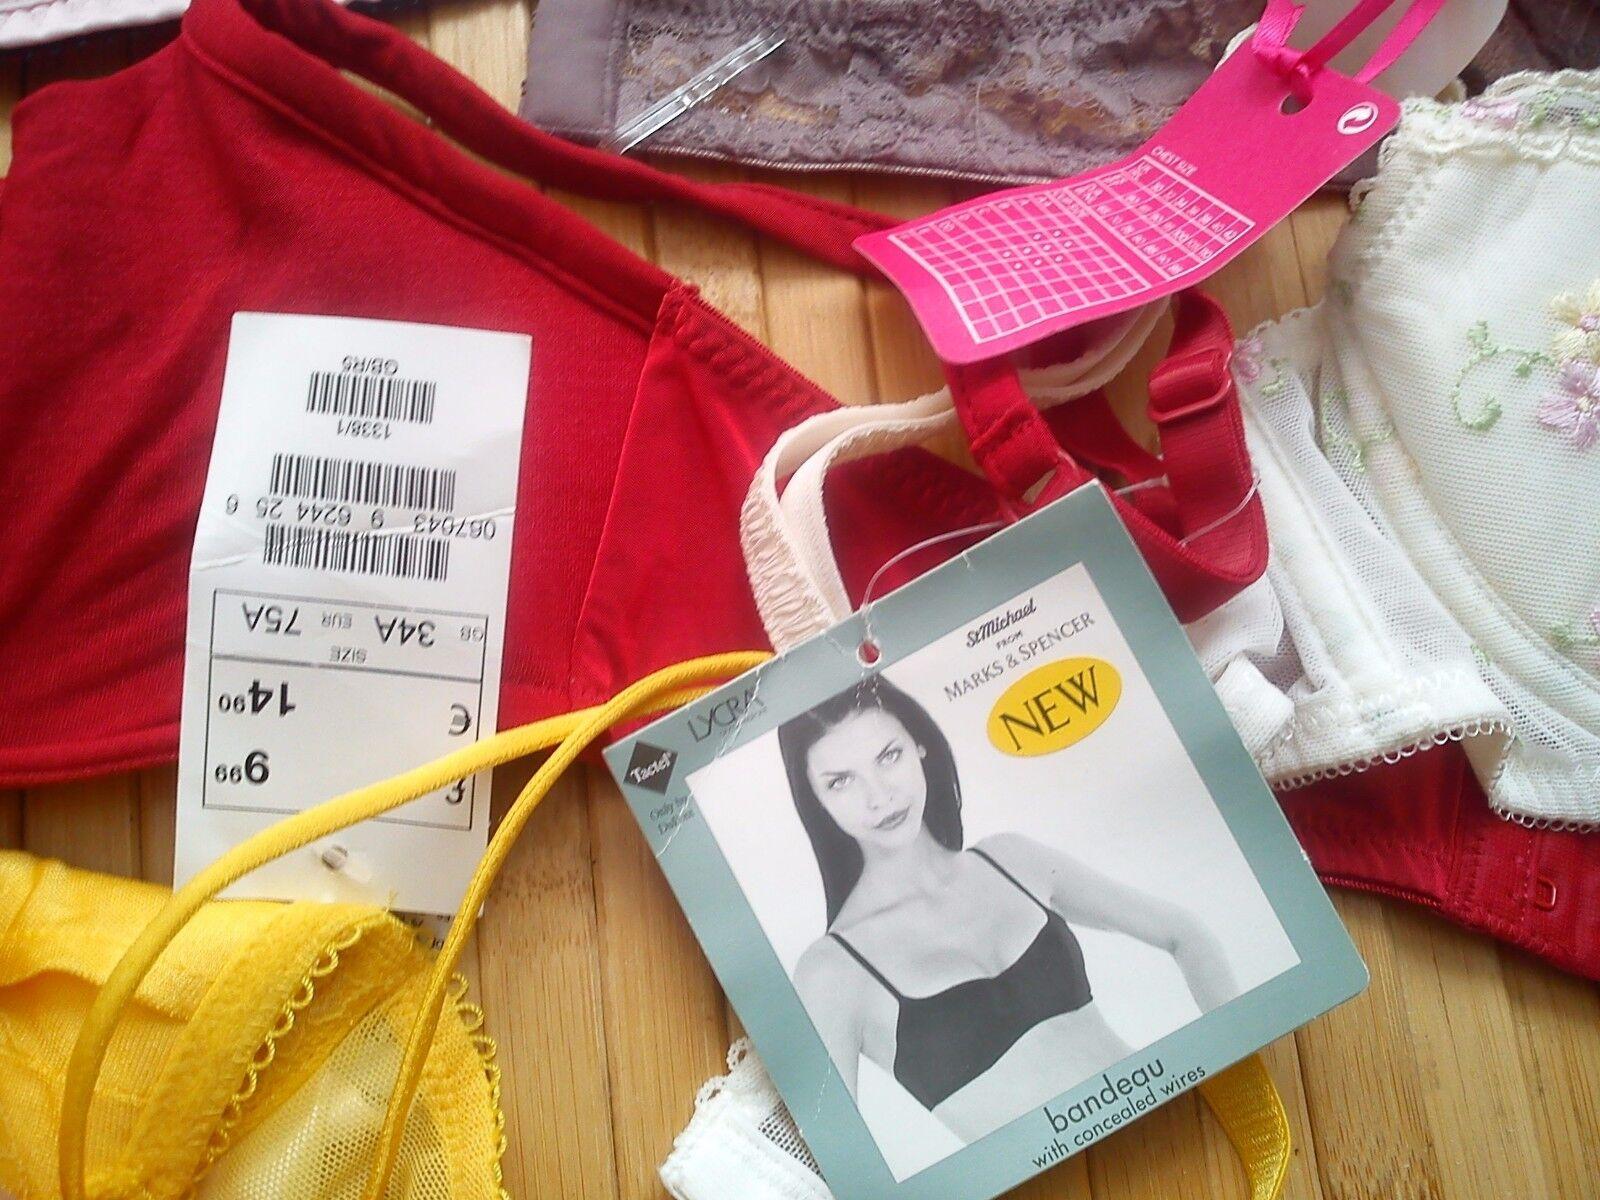 La Senza M&S nuevo utilizado 9x 9x 9x paquete Trabajo Lote para señoras mujeres Bras conjuntos 34 A 36 A (75 A) f5fe55